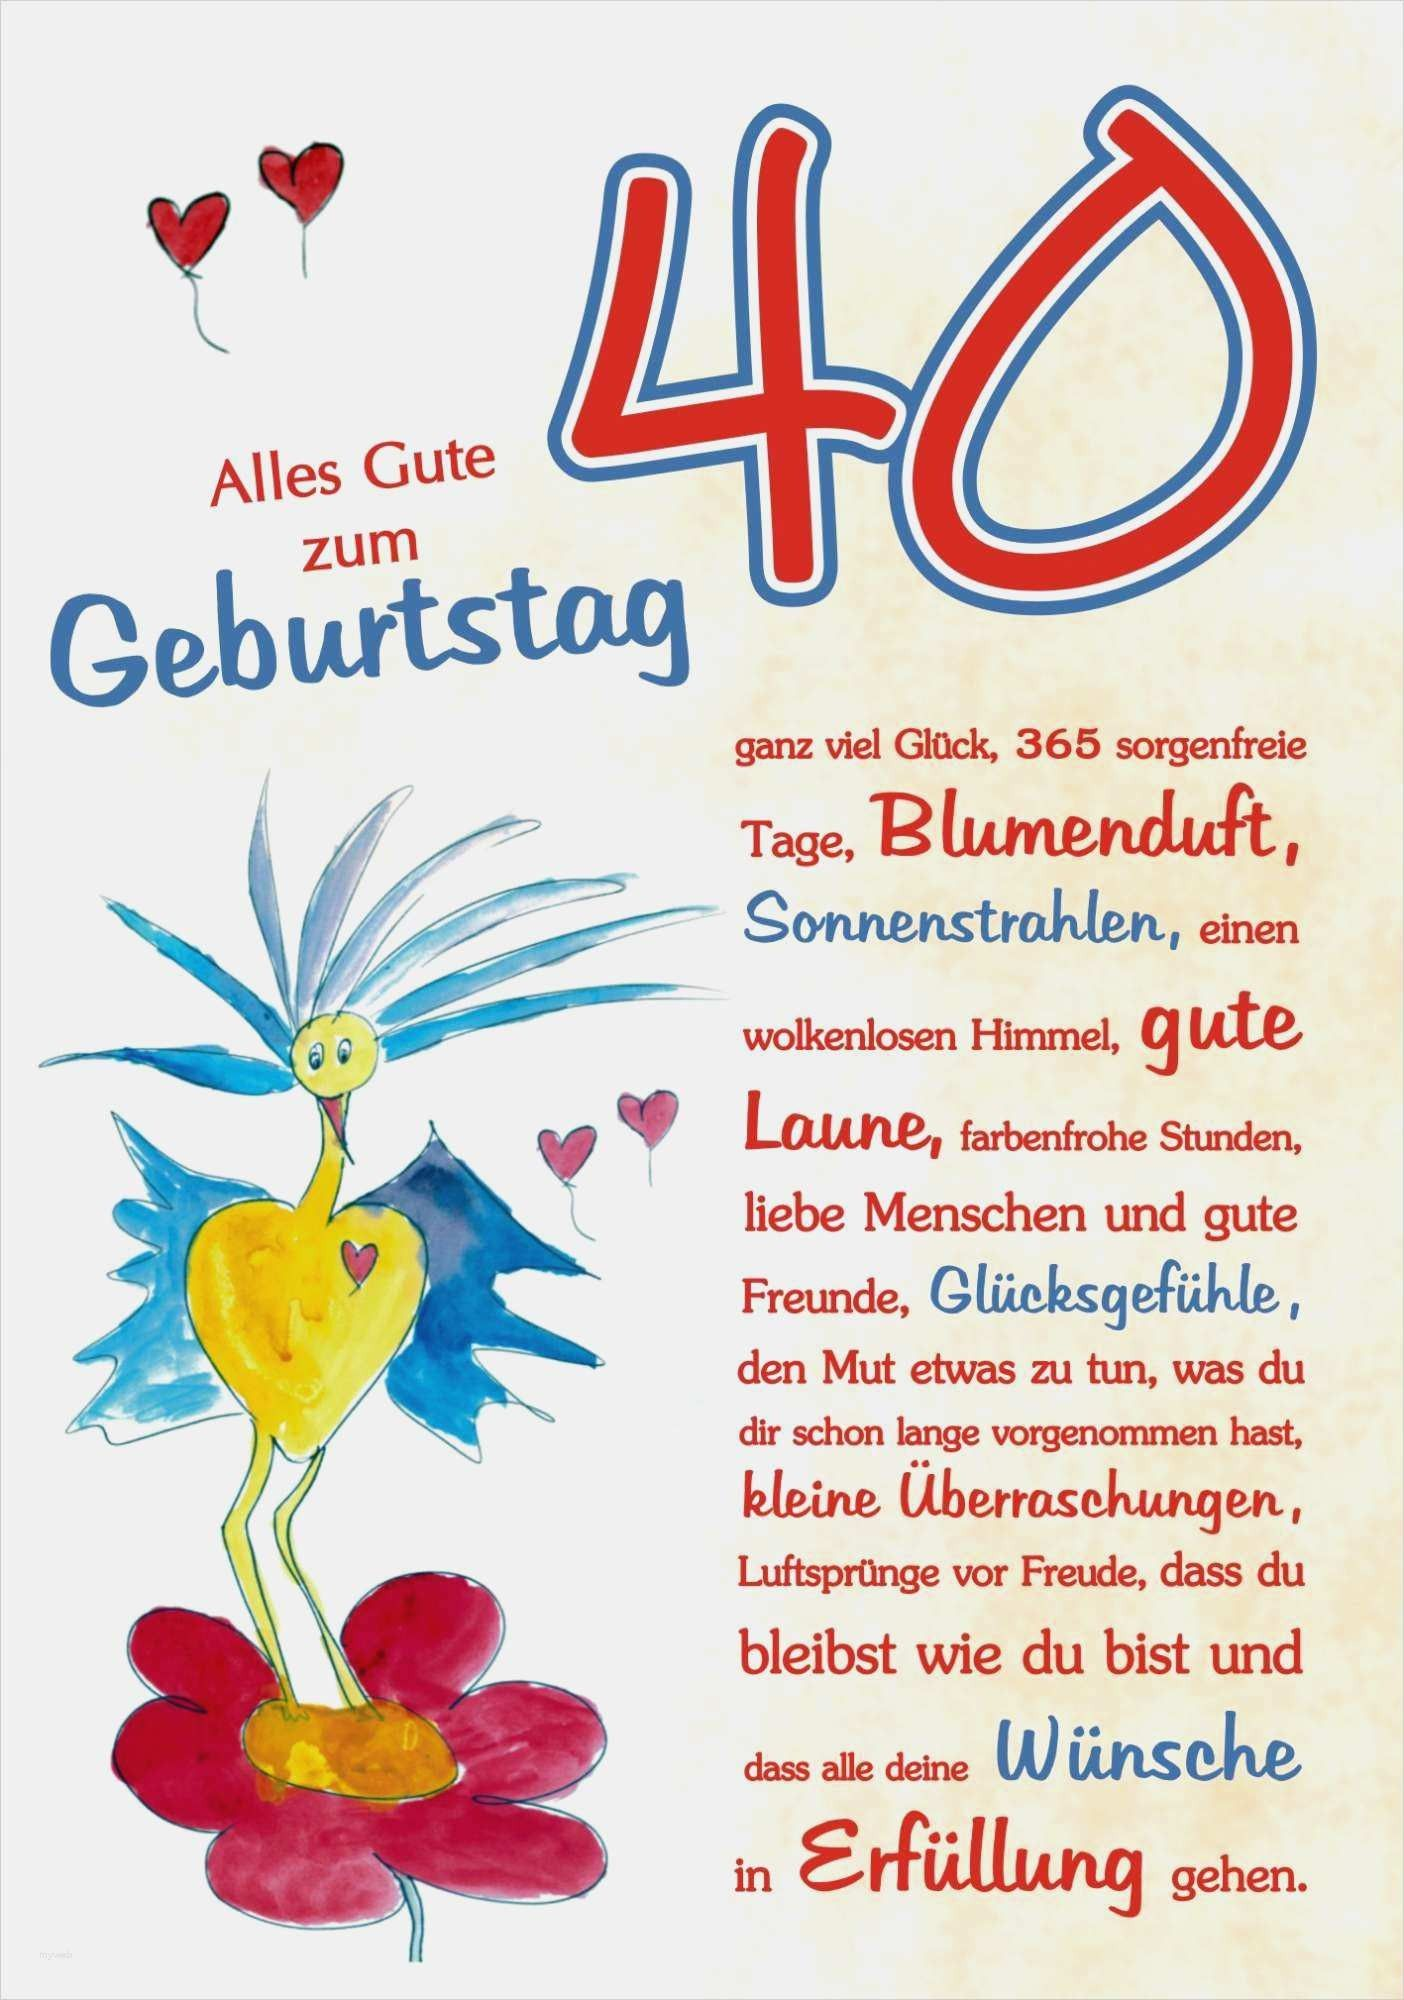 Pin Von Birgit Staacks Auf Gedichte Und Spruche Gluckwunsche Zum